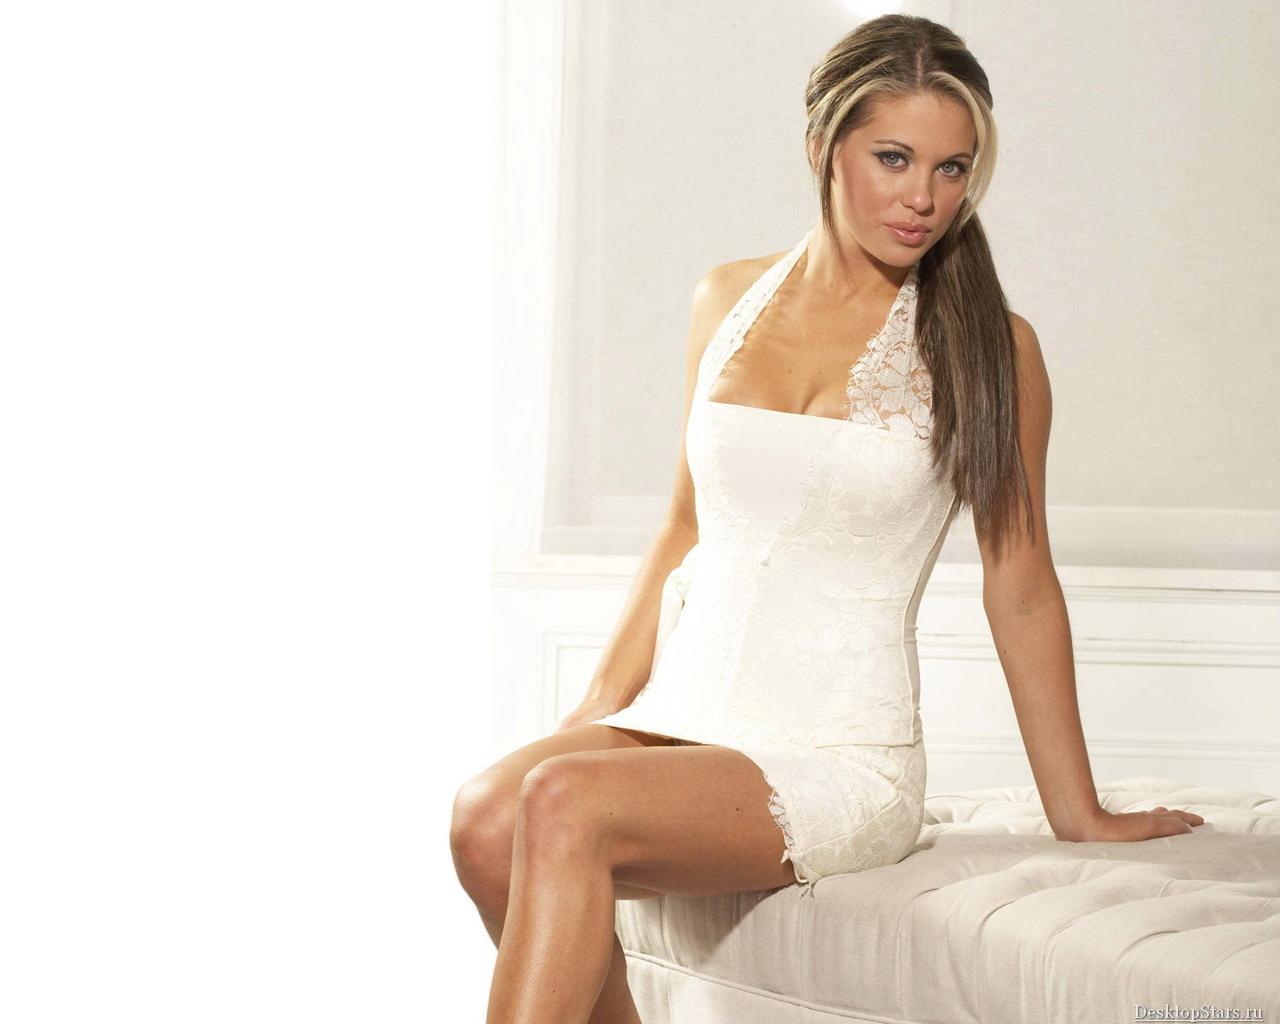 http://3.bp.blogspot.com/-8M1KxZaKnh4/T3qEtzy0gOI/AAAAAAAAD7w/JFEAidrobzc/s1600/Bianca_Gascoigne_6.jpg